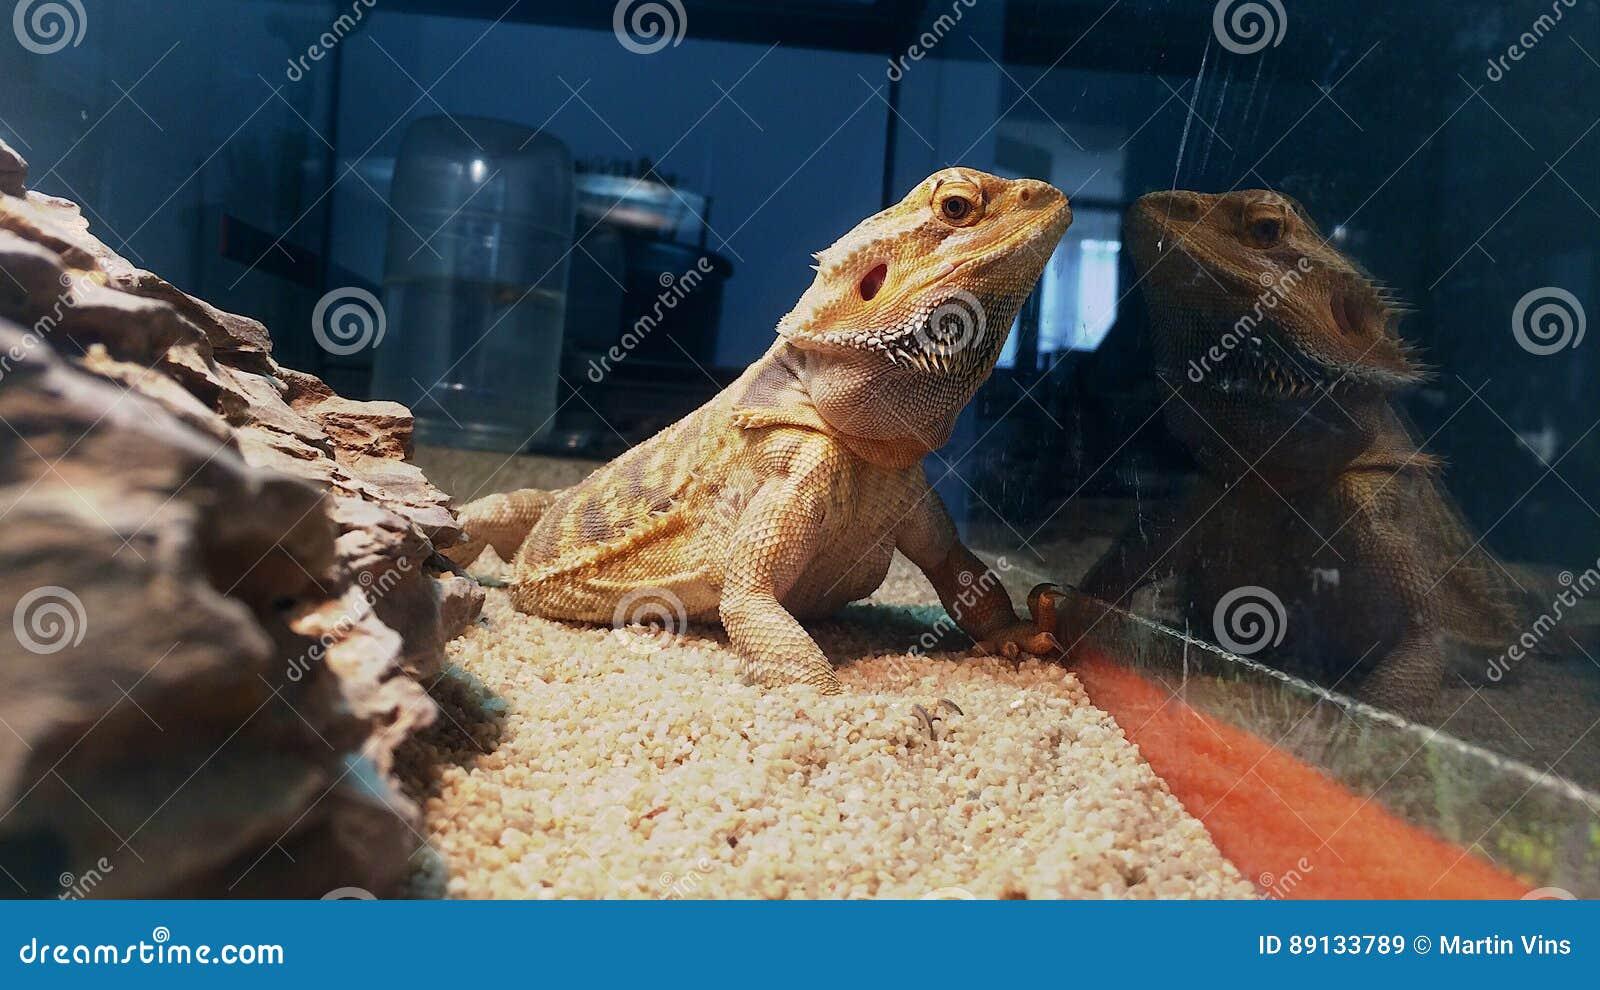 Agama el mejor photomodel animal